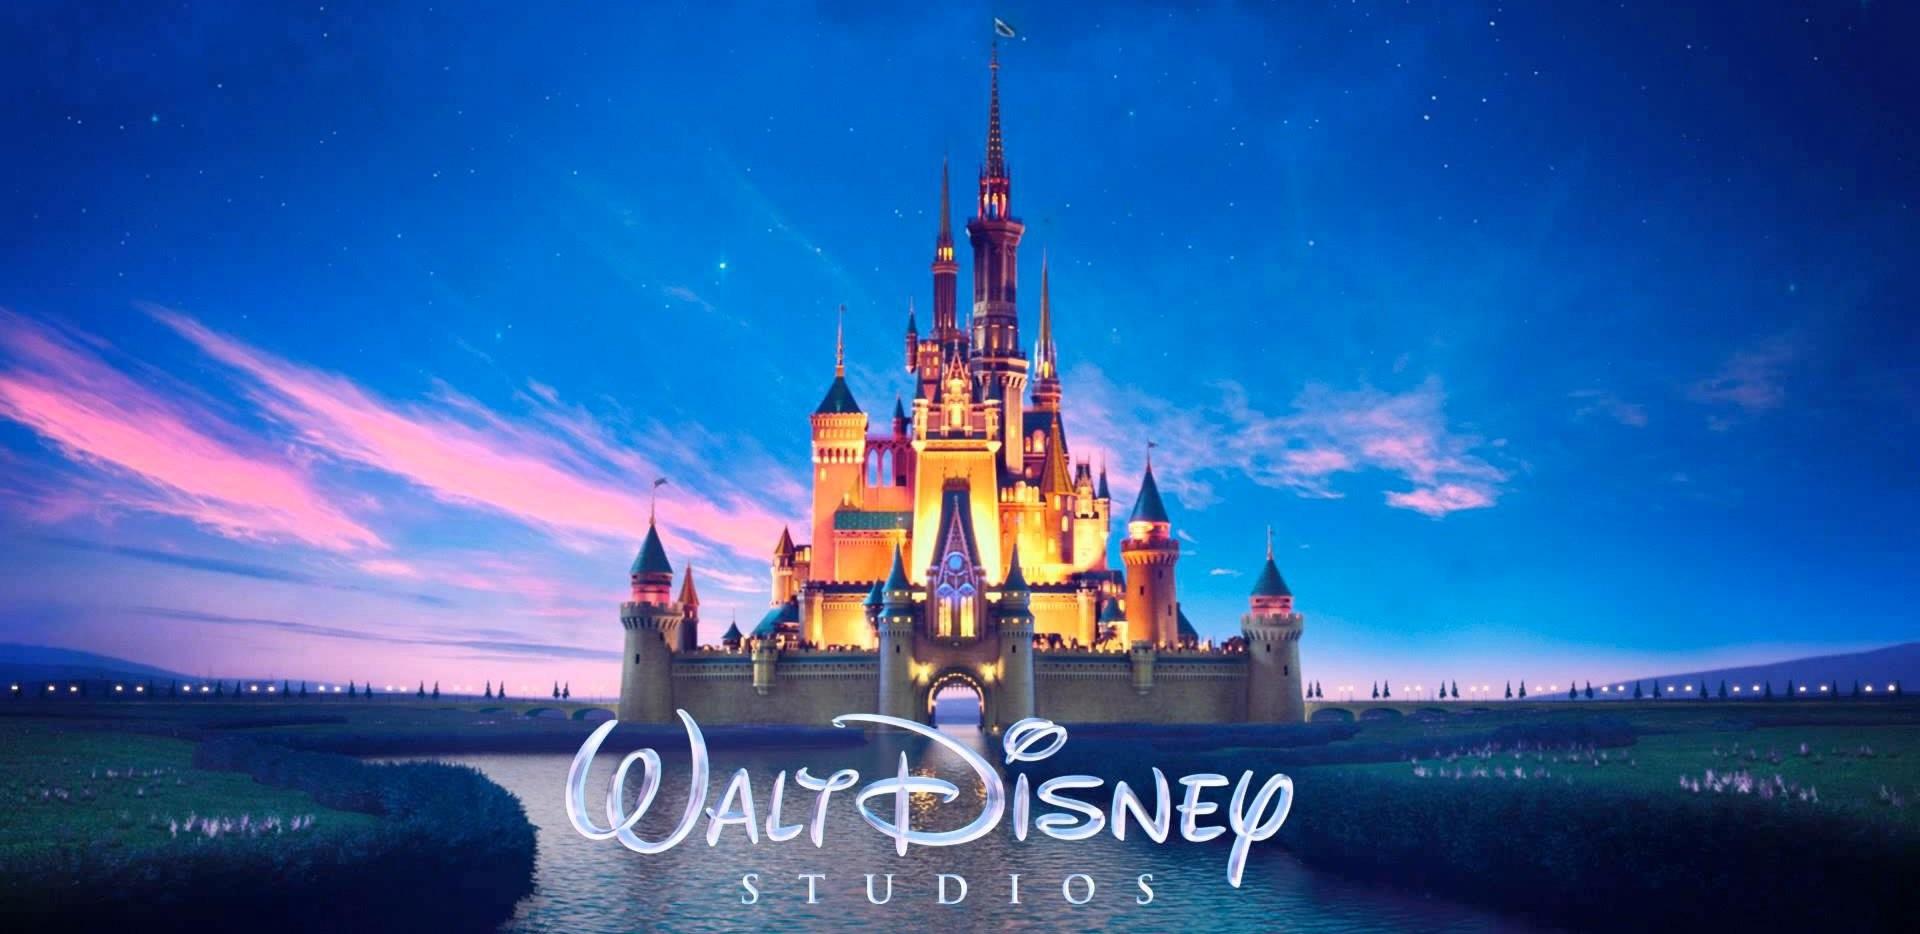 Quel personnage Disney es-tu ?